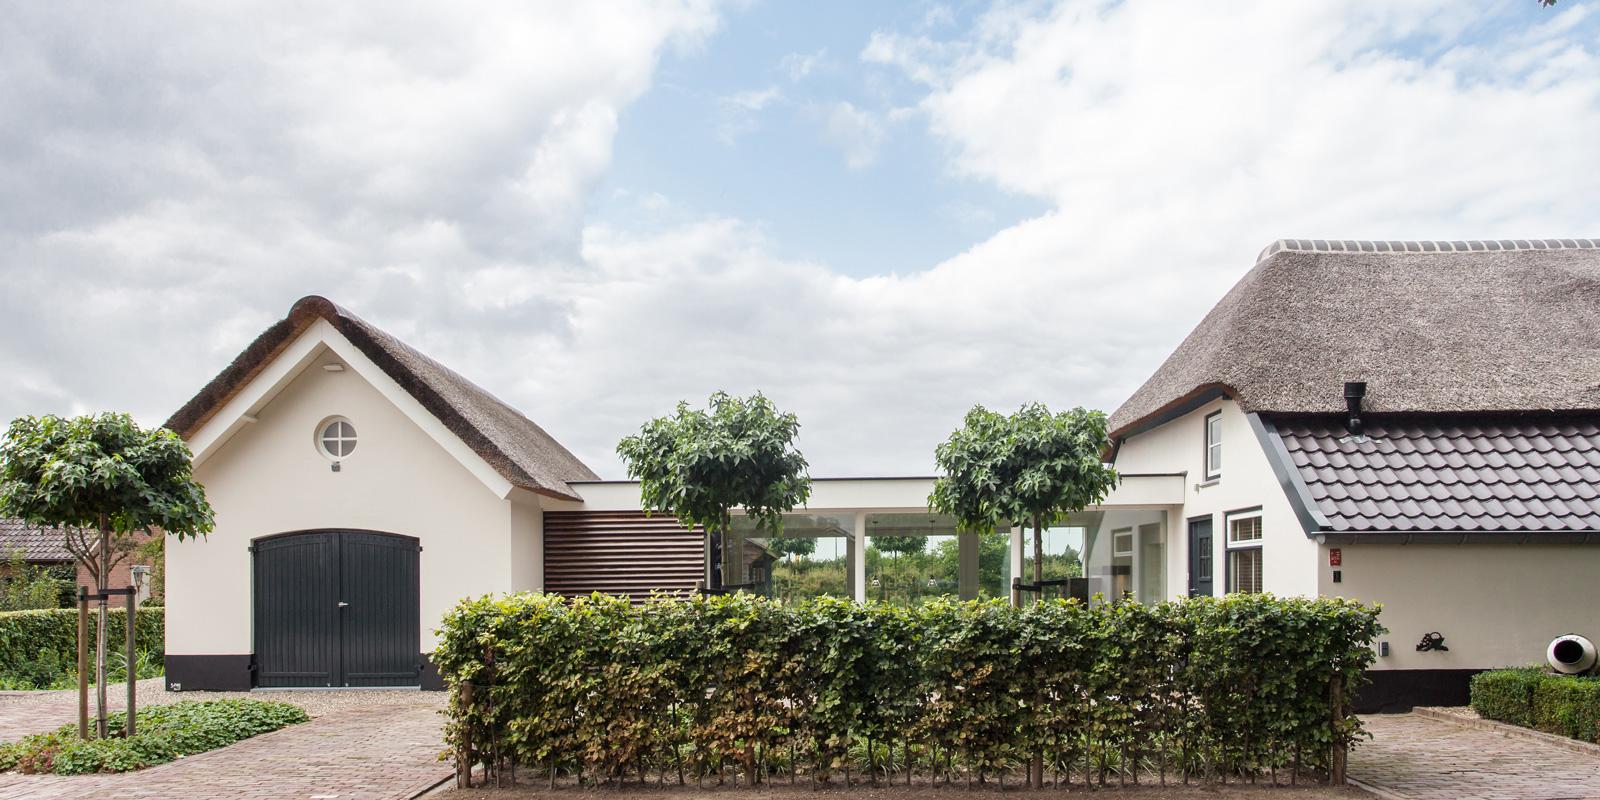 Bob Romijnders Architectuur + Interieur heeft voor een rieten dak gekozen dat perfectie over de villa afroept.